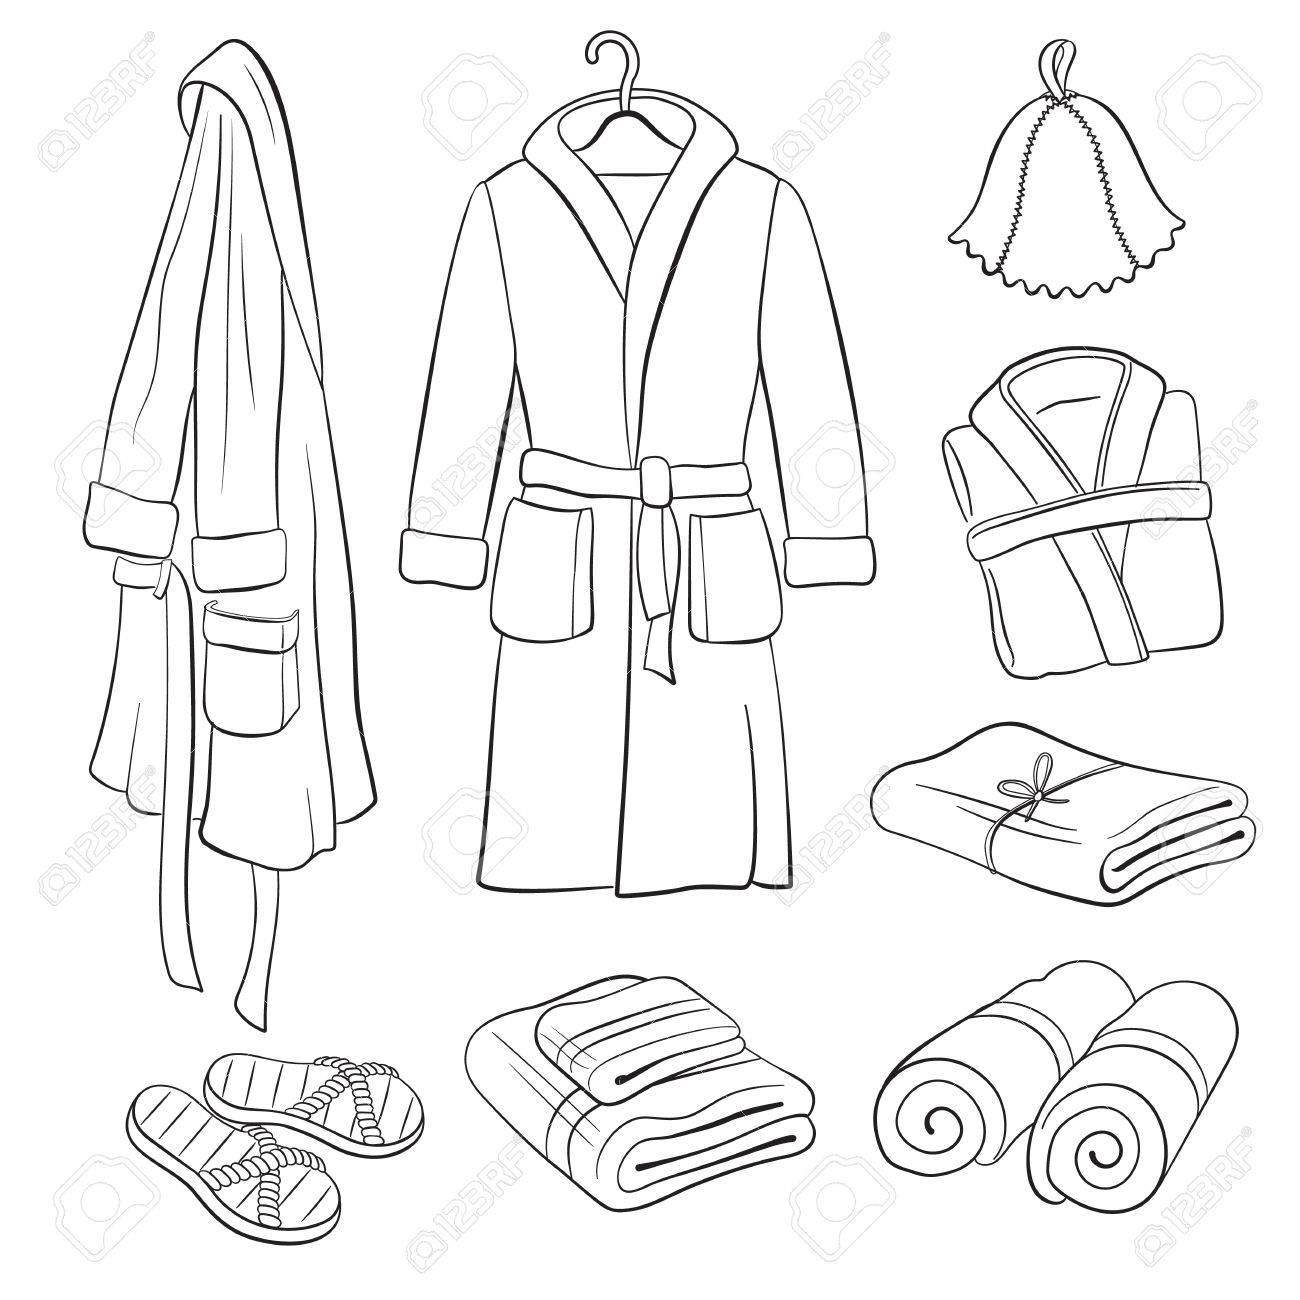 archivio fotografico accessori sauna schizzo disegno a mano accappatoi termali e raccolta asciugamani oggetti da bagno isolato su sfondo bianco